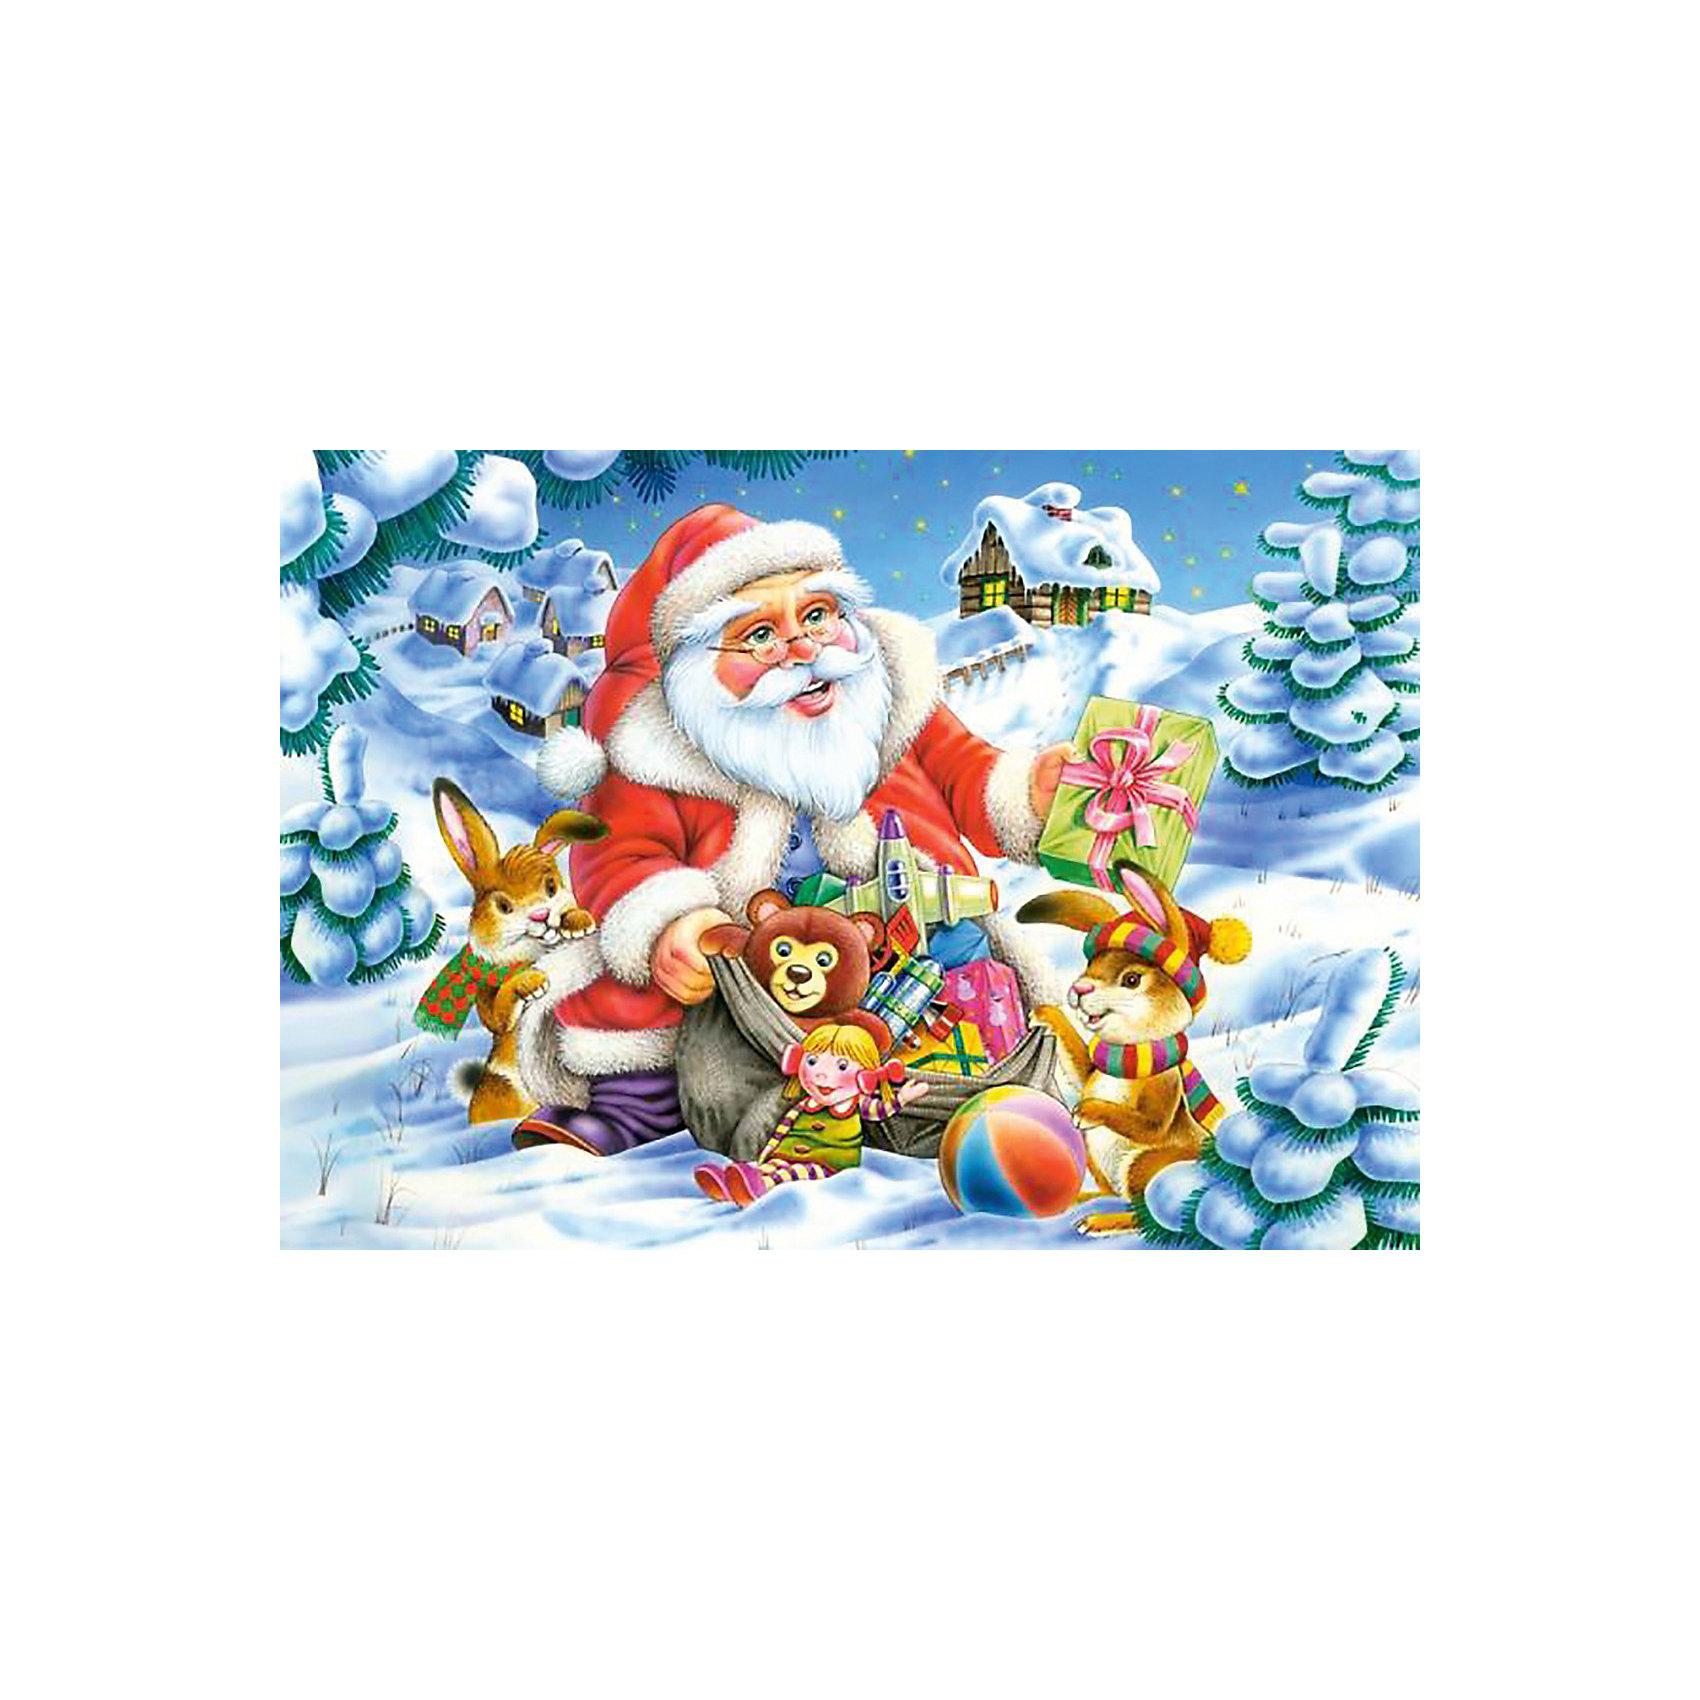 Пазл Санта Клаус, 500 деталей, CastorlandПазлы для детей постарше<br>Рождественское настроение и атмосферу праздника подарит Вам пазл «Санта Клаус». Ваш ребенок с удовольствием соберет добродушного Санта Клауса с горой  подарков  из 500 маленьких фрагментов прочного качественного картона, плотно соединяющегося между собой. Сборка тематического пазла «Санта Клаус» Castorland (Касторленд) тренирует память, логическое мышление, координацию движений, воображение.<br><br>Дополнительная информация:<br><br>- Прекрасный подарок на Новый Год;<br>- Уникальное качество деталей;<br>- Размер упаковки: 22 х 4,7 х 32 см;<br>- Размеры готового пазла: 47 х 33 см;<br>- Вес: 300 г<br><br>Пазл «Санта Клаус» 500 деталей, Castorland (Касторленд) можно купить в нашем интернет-магазине.<br><br>Ширина мм: 320<br>Глубина мм: 47<br>Высота мм: 220<br>Вес г: 300<br>Возраст от месяцев: 72<br>Возраст до месяцев: 1188<br>Пол: Унисекс<br>Возраст: Детский<br>Количество деталей: 500<br>SKU: 3849134